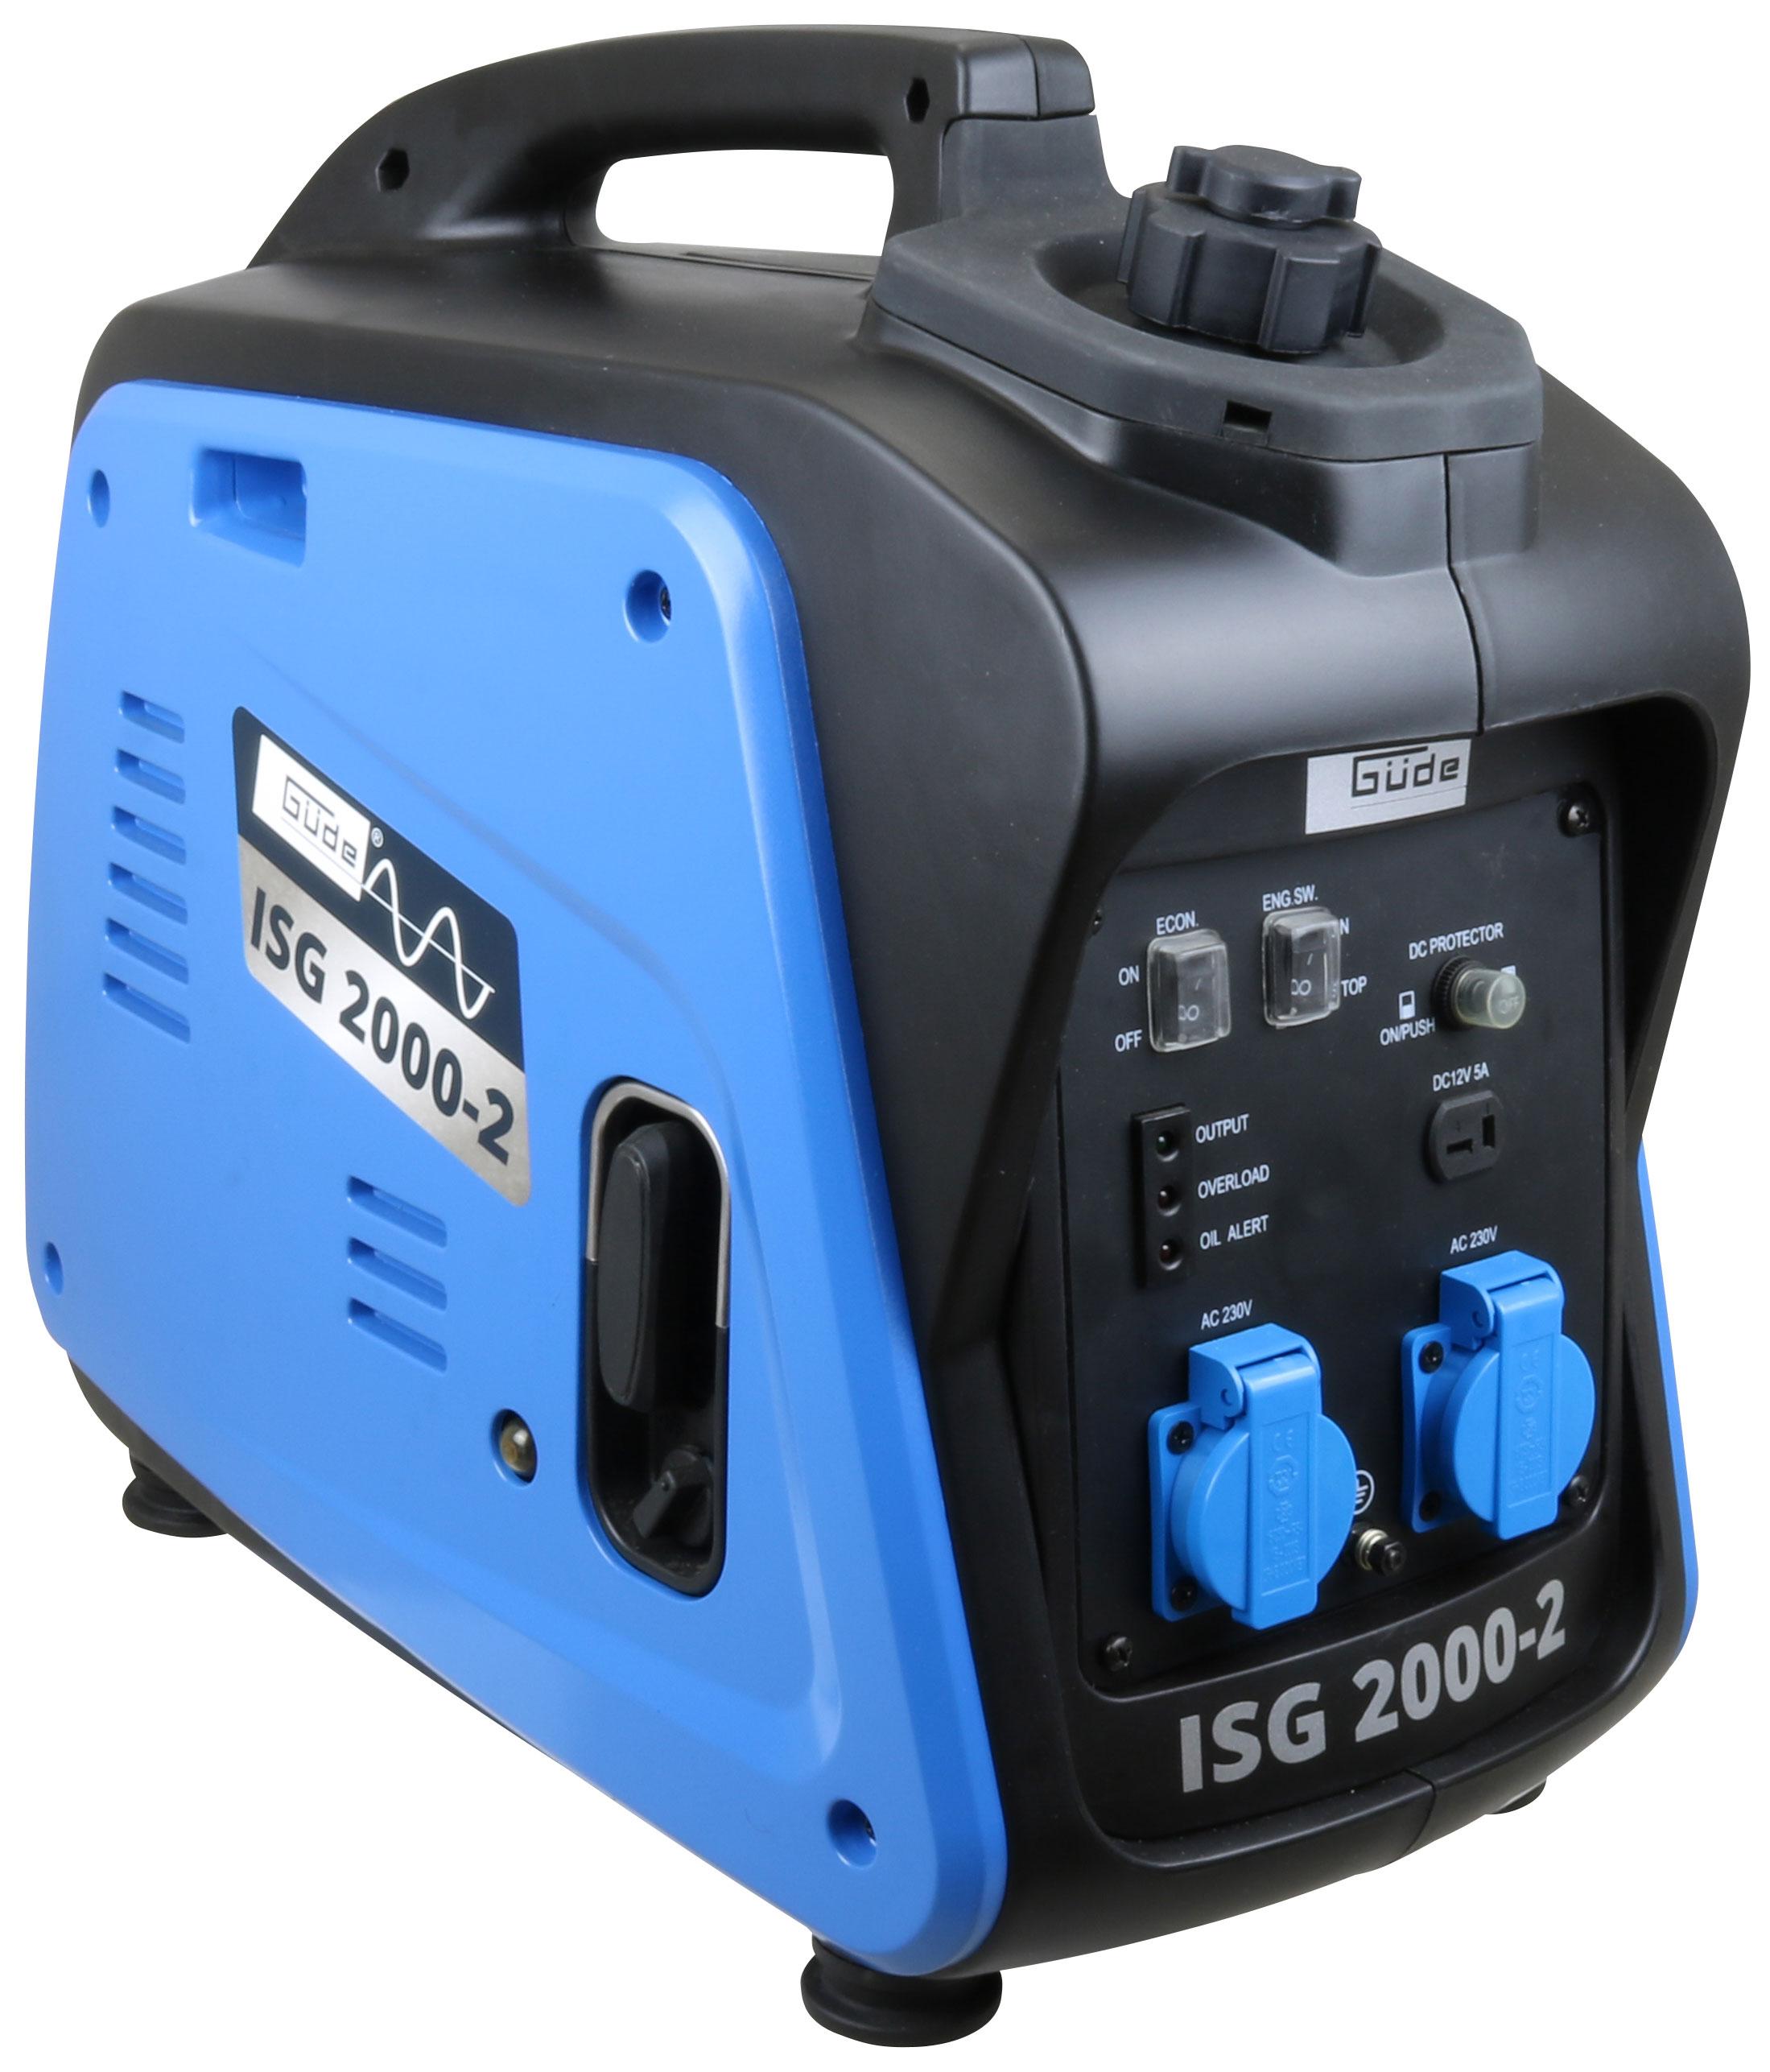 Inverter Stromerzeuger ISG 2000-2 Güde Bild 1